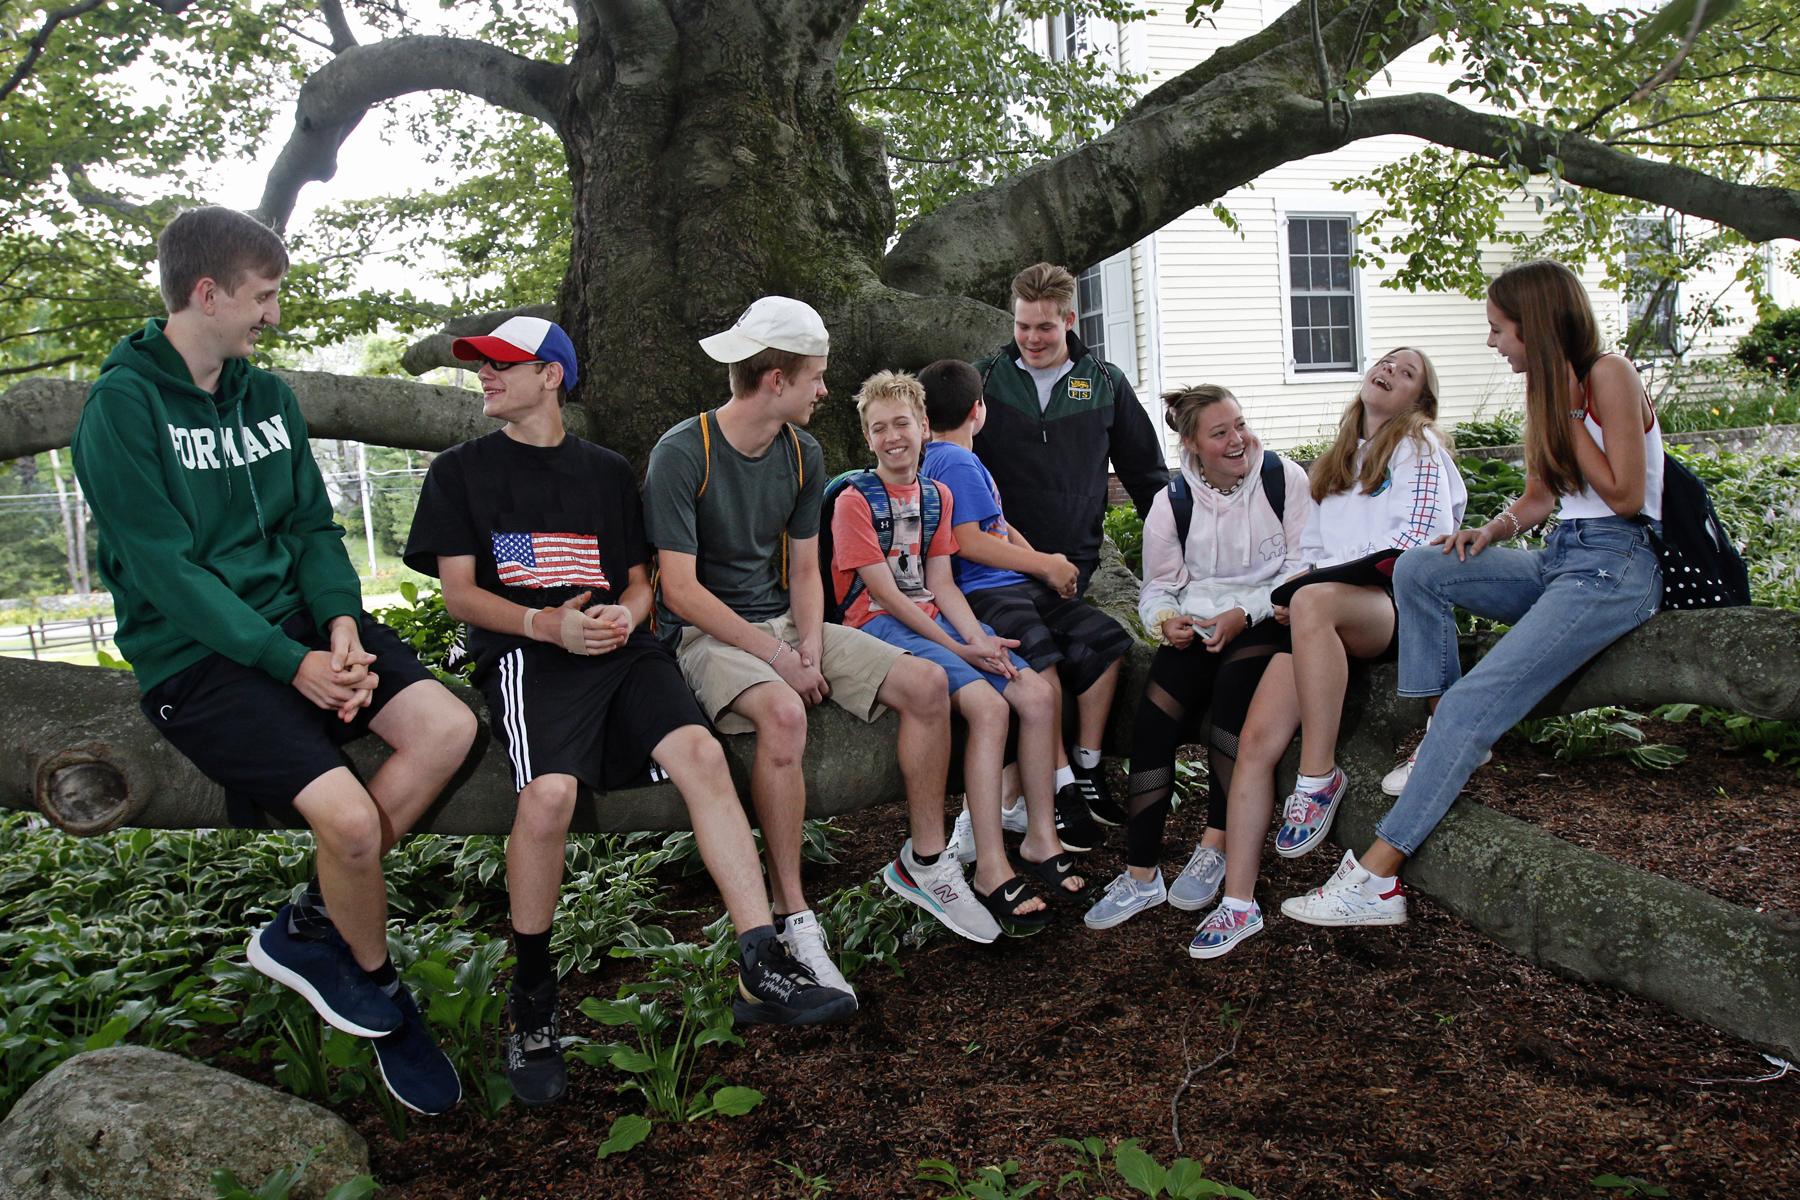 Summer Program - Arts | Forman School Summer Program